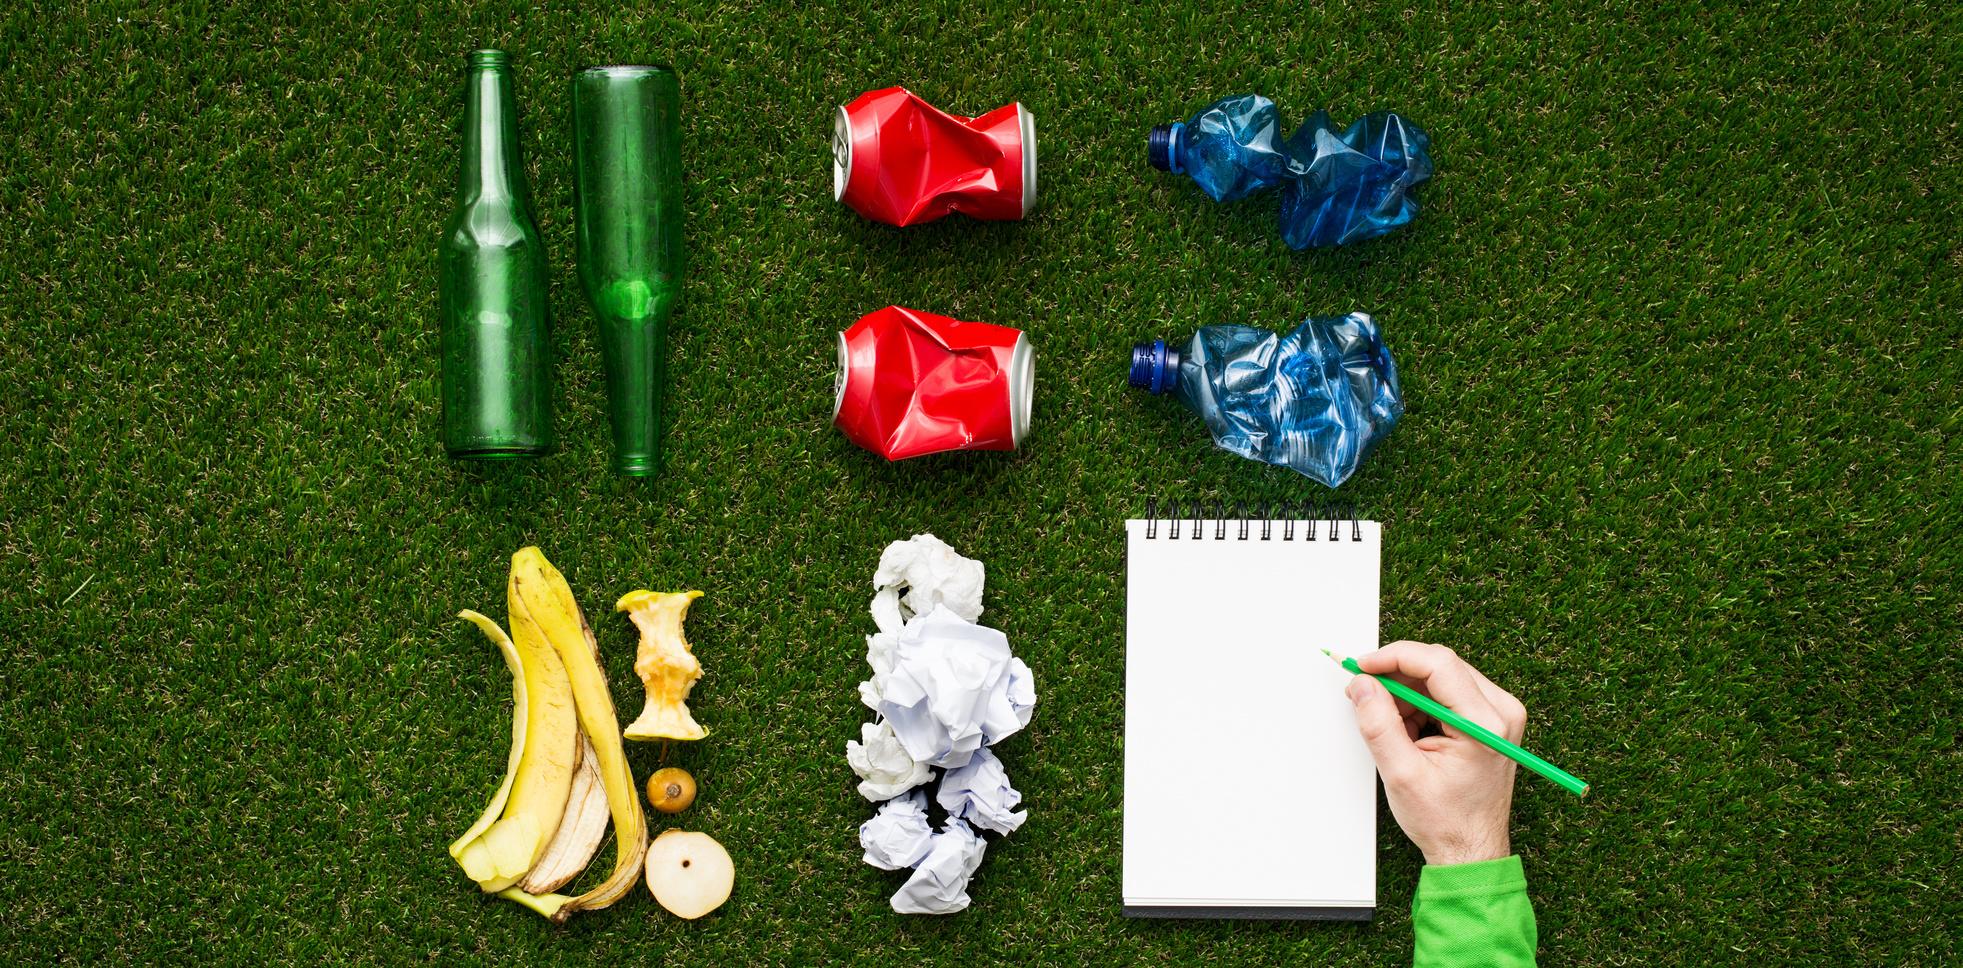 Comment traiter les déchets de mon entreprise ?